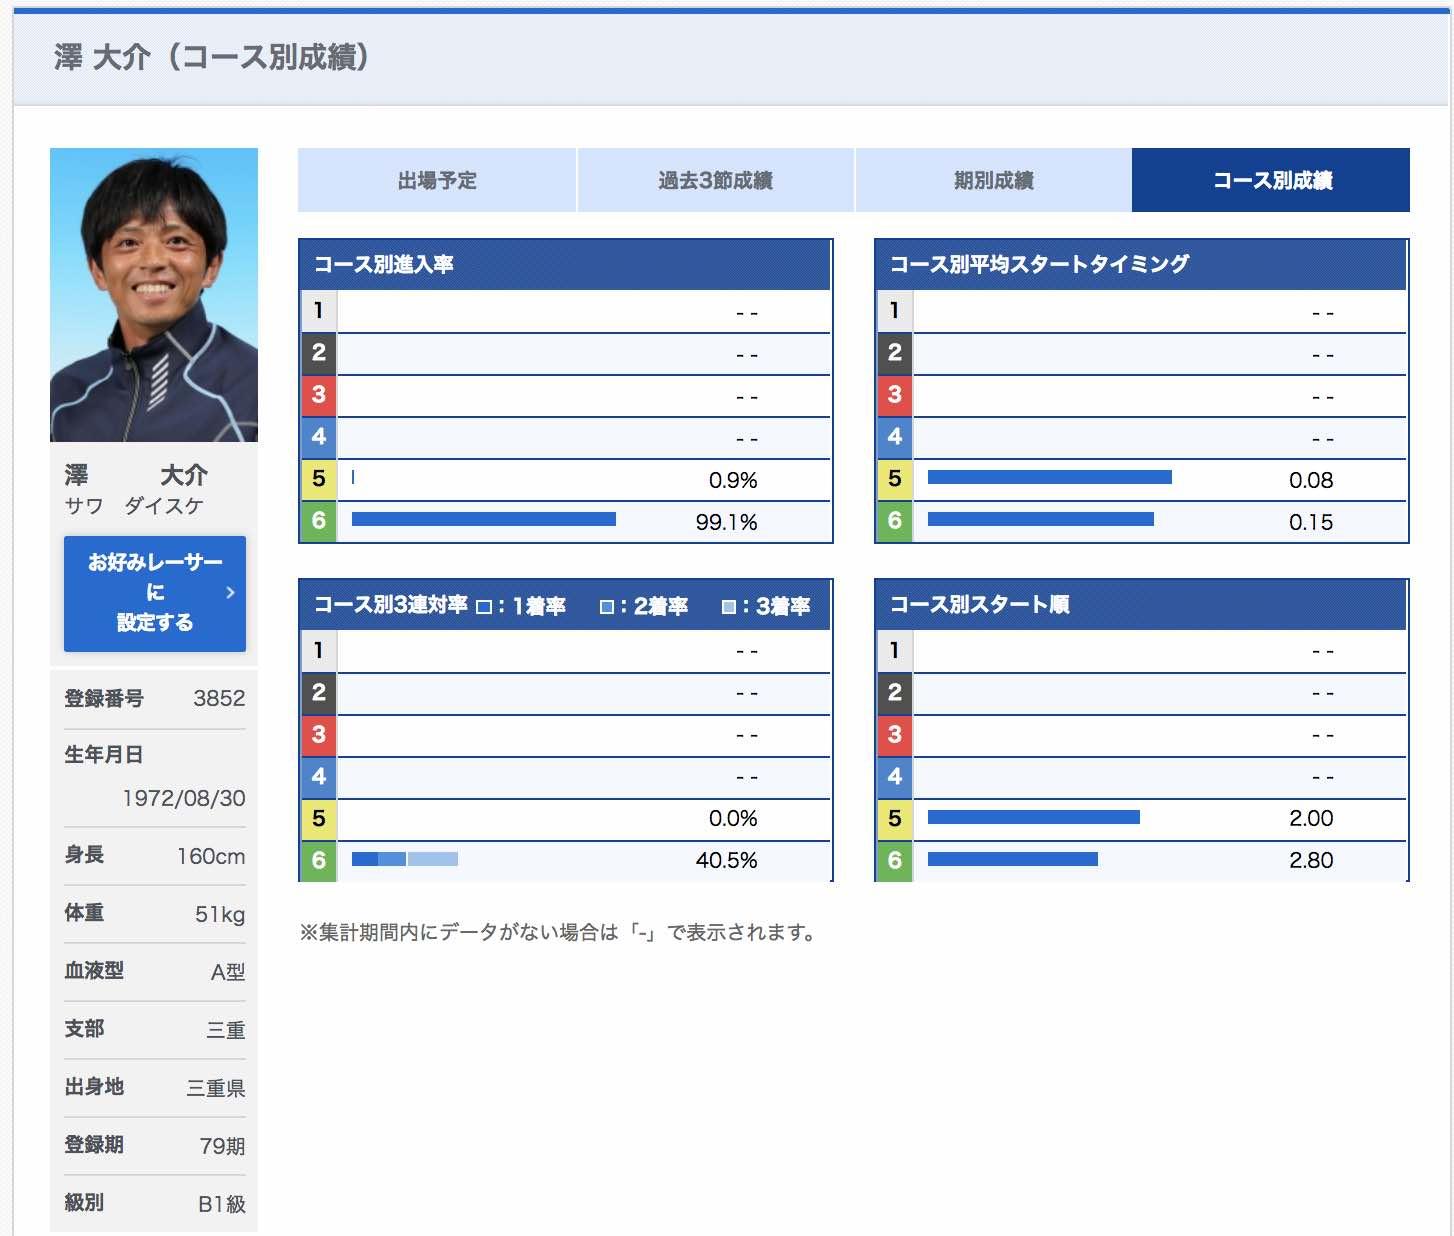 澤大介という競艇選手はアウト専門ボートレーサーだ